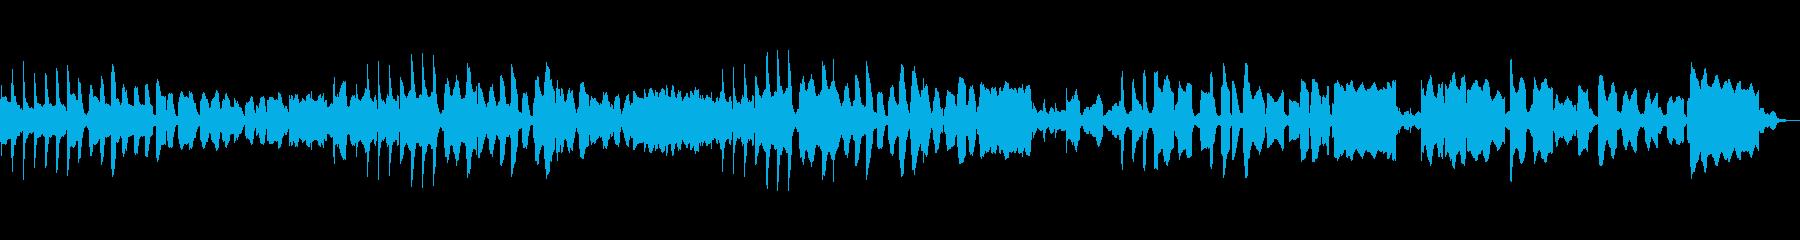 リコーダー、ビブラフォン使用の町曲の再生済みの波形